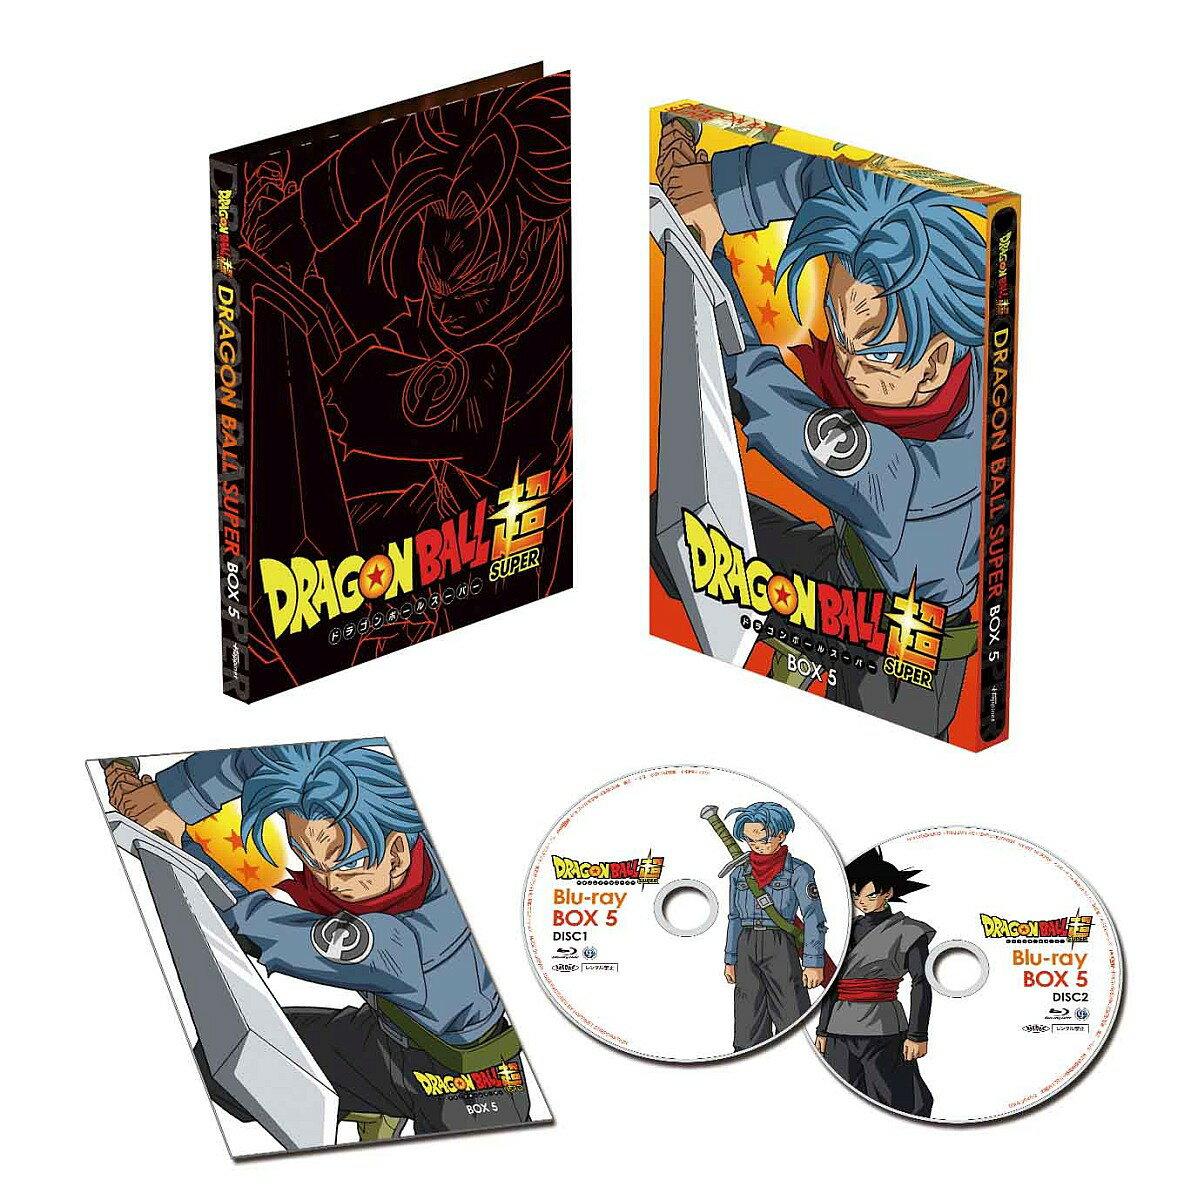 ドラゴンボール超 Blu-ray BOX5【Blu-ray】